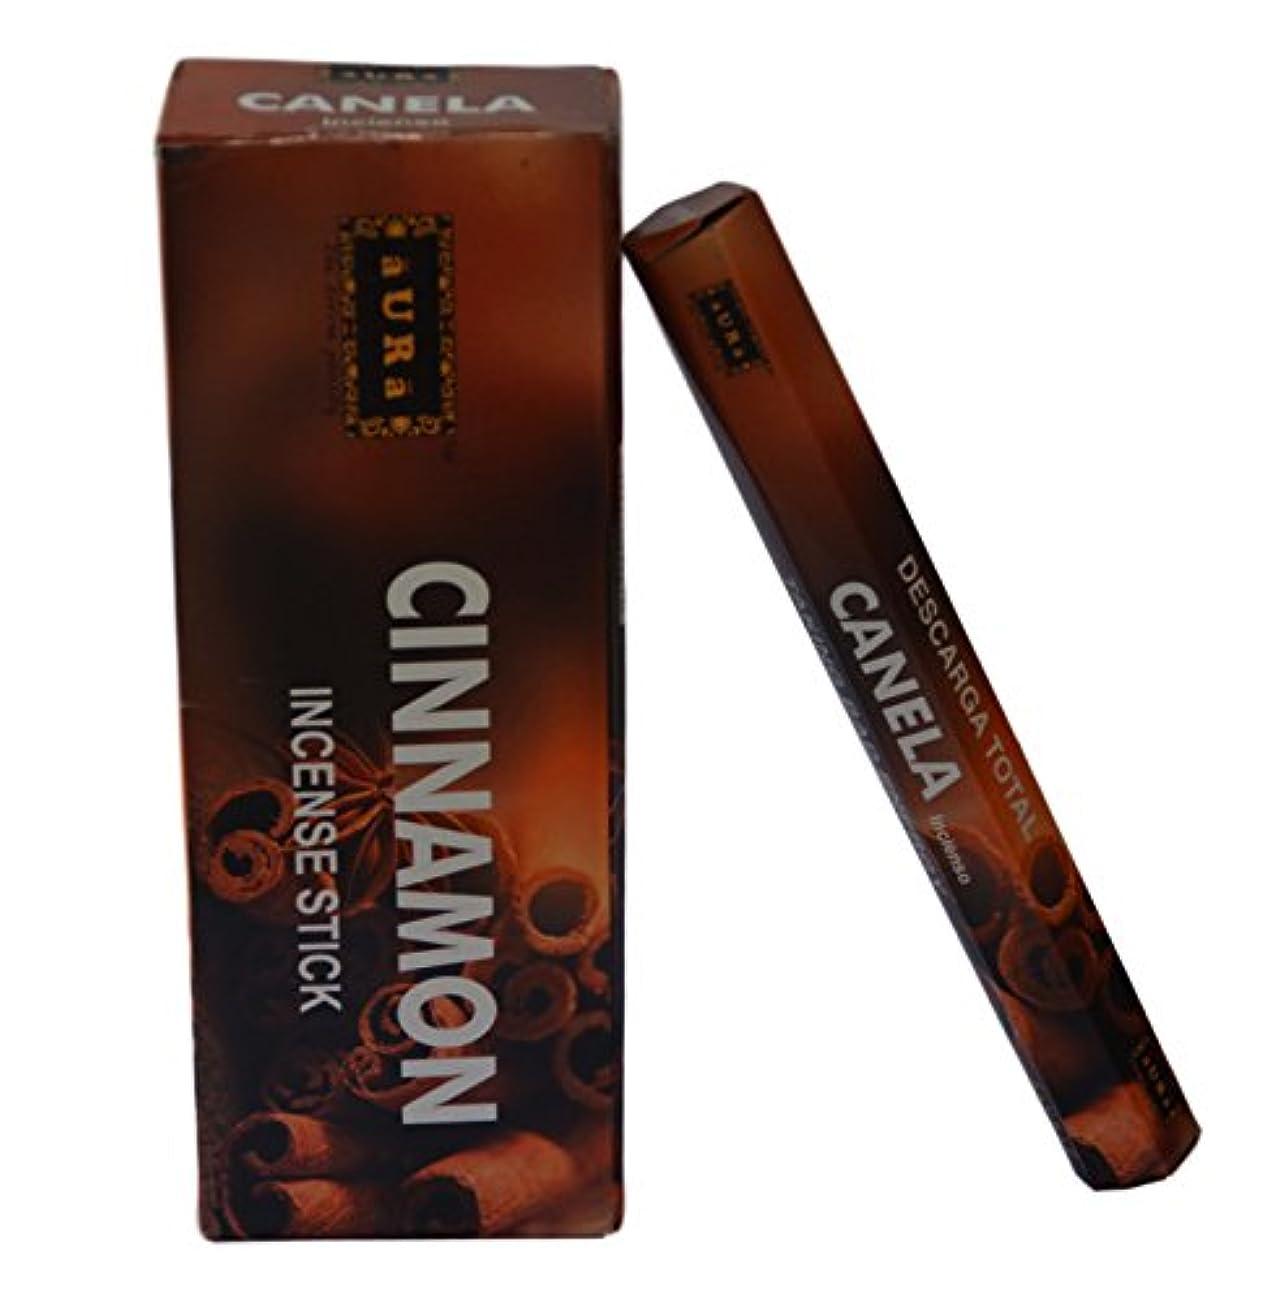 赤ダンス貝殻オーラCinnamon Scented Incense Sticks、プレミアム天然Incense Sticks、六角packing- 120 Sticks